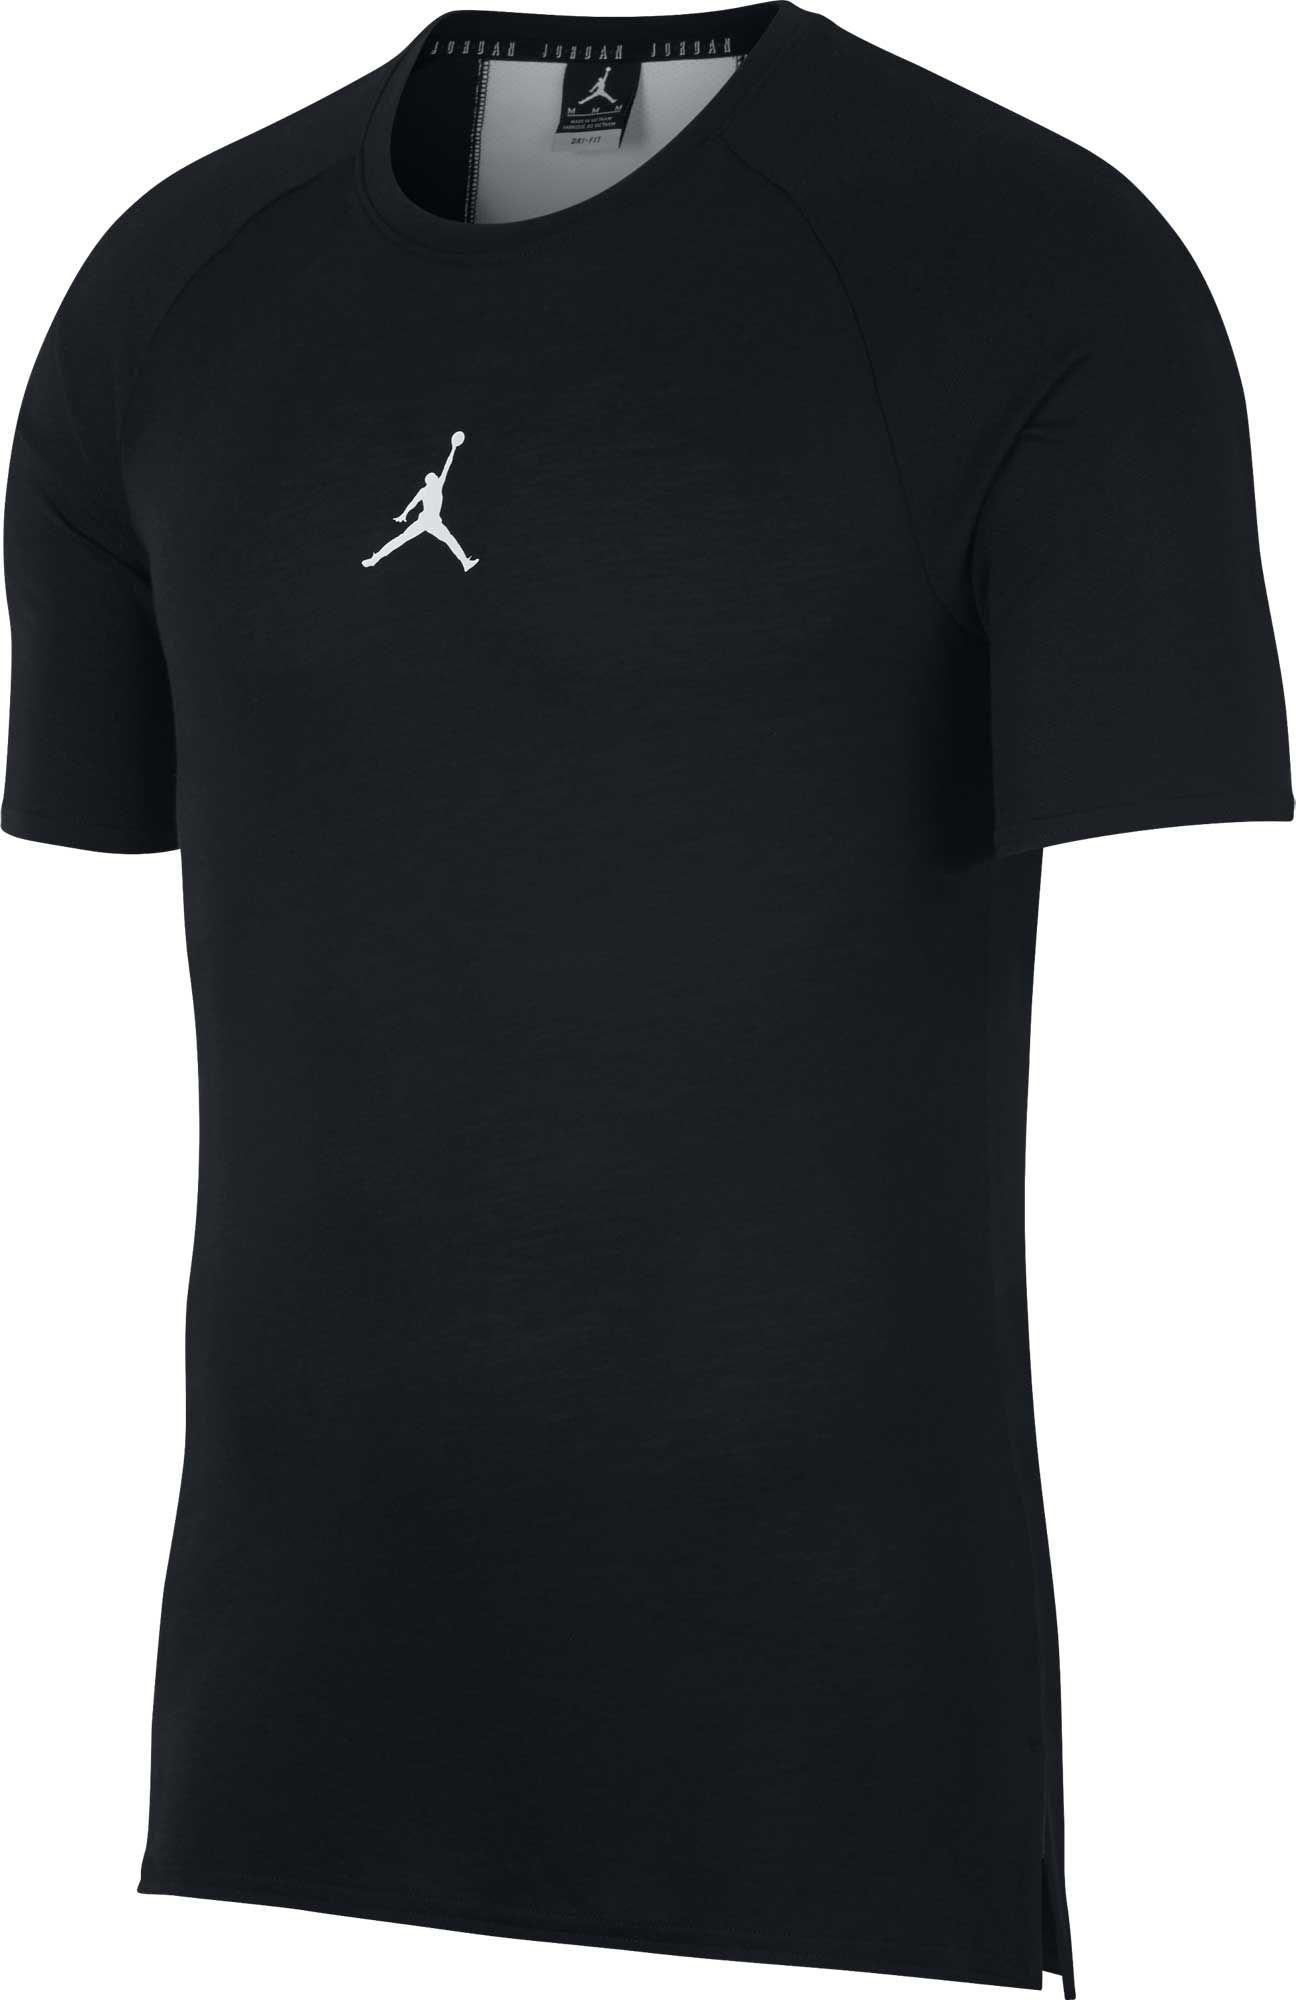 ed20c769 Lyst - Nike Dry 23 Alpha Training T-shirt in Black for Men